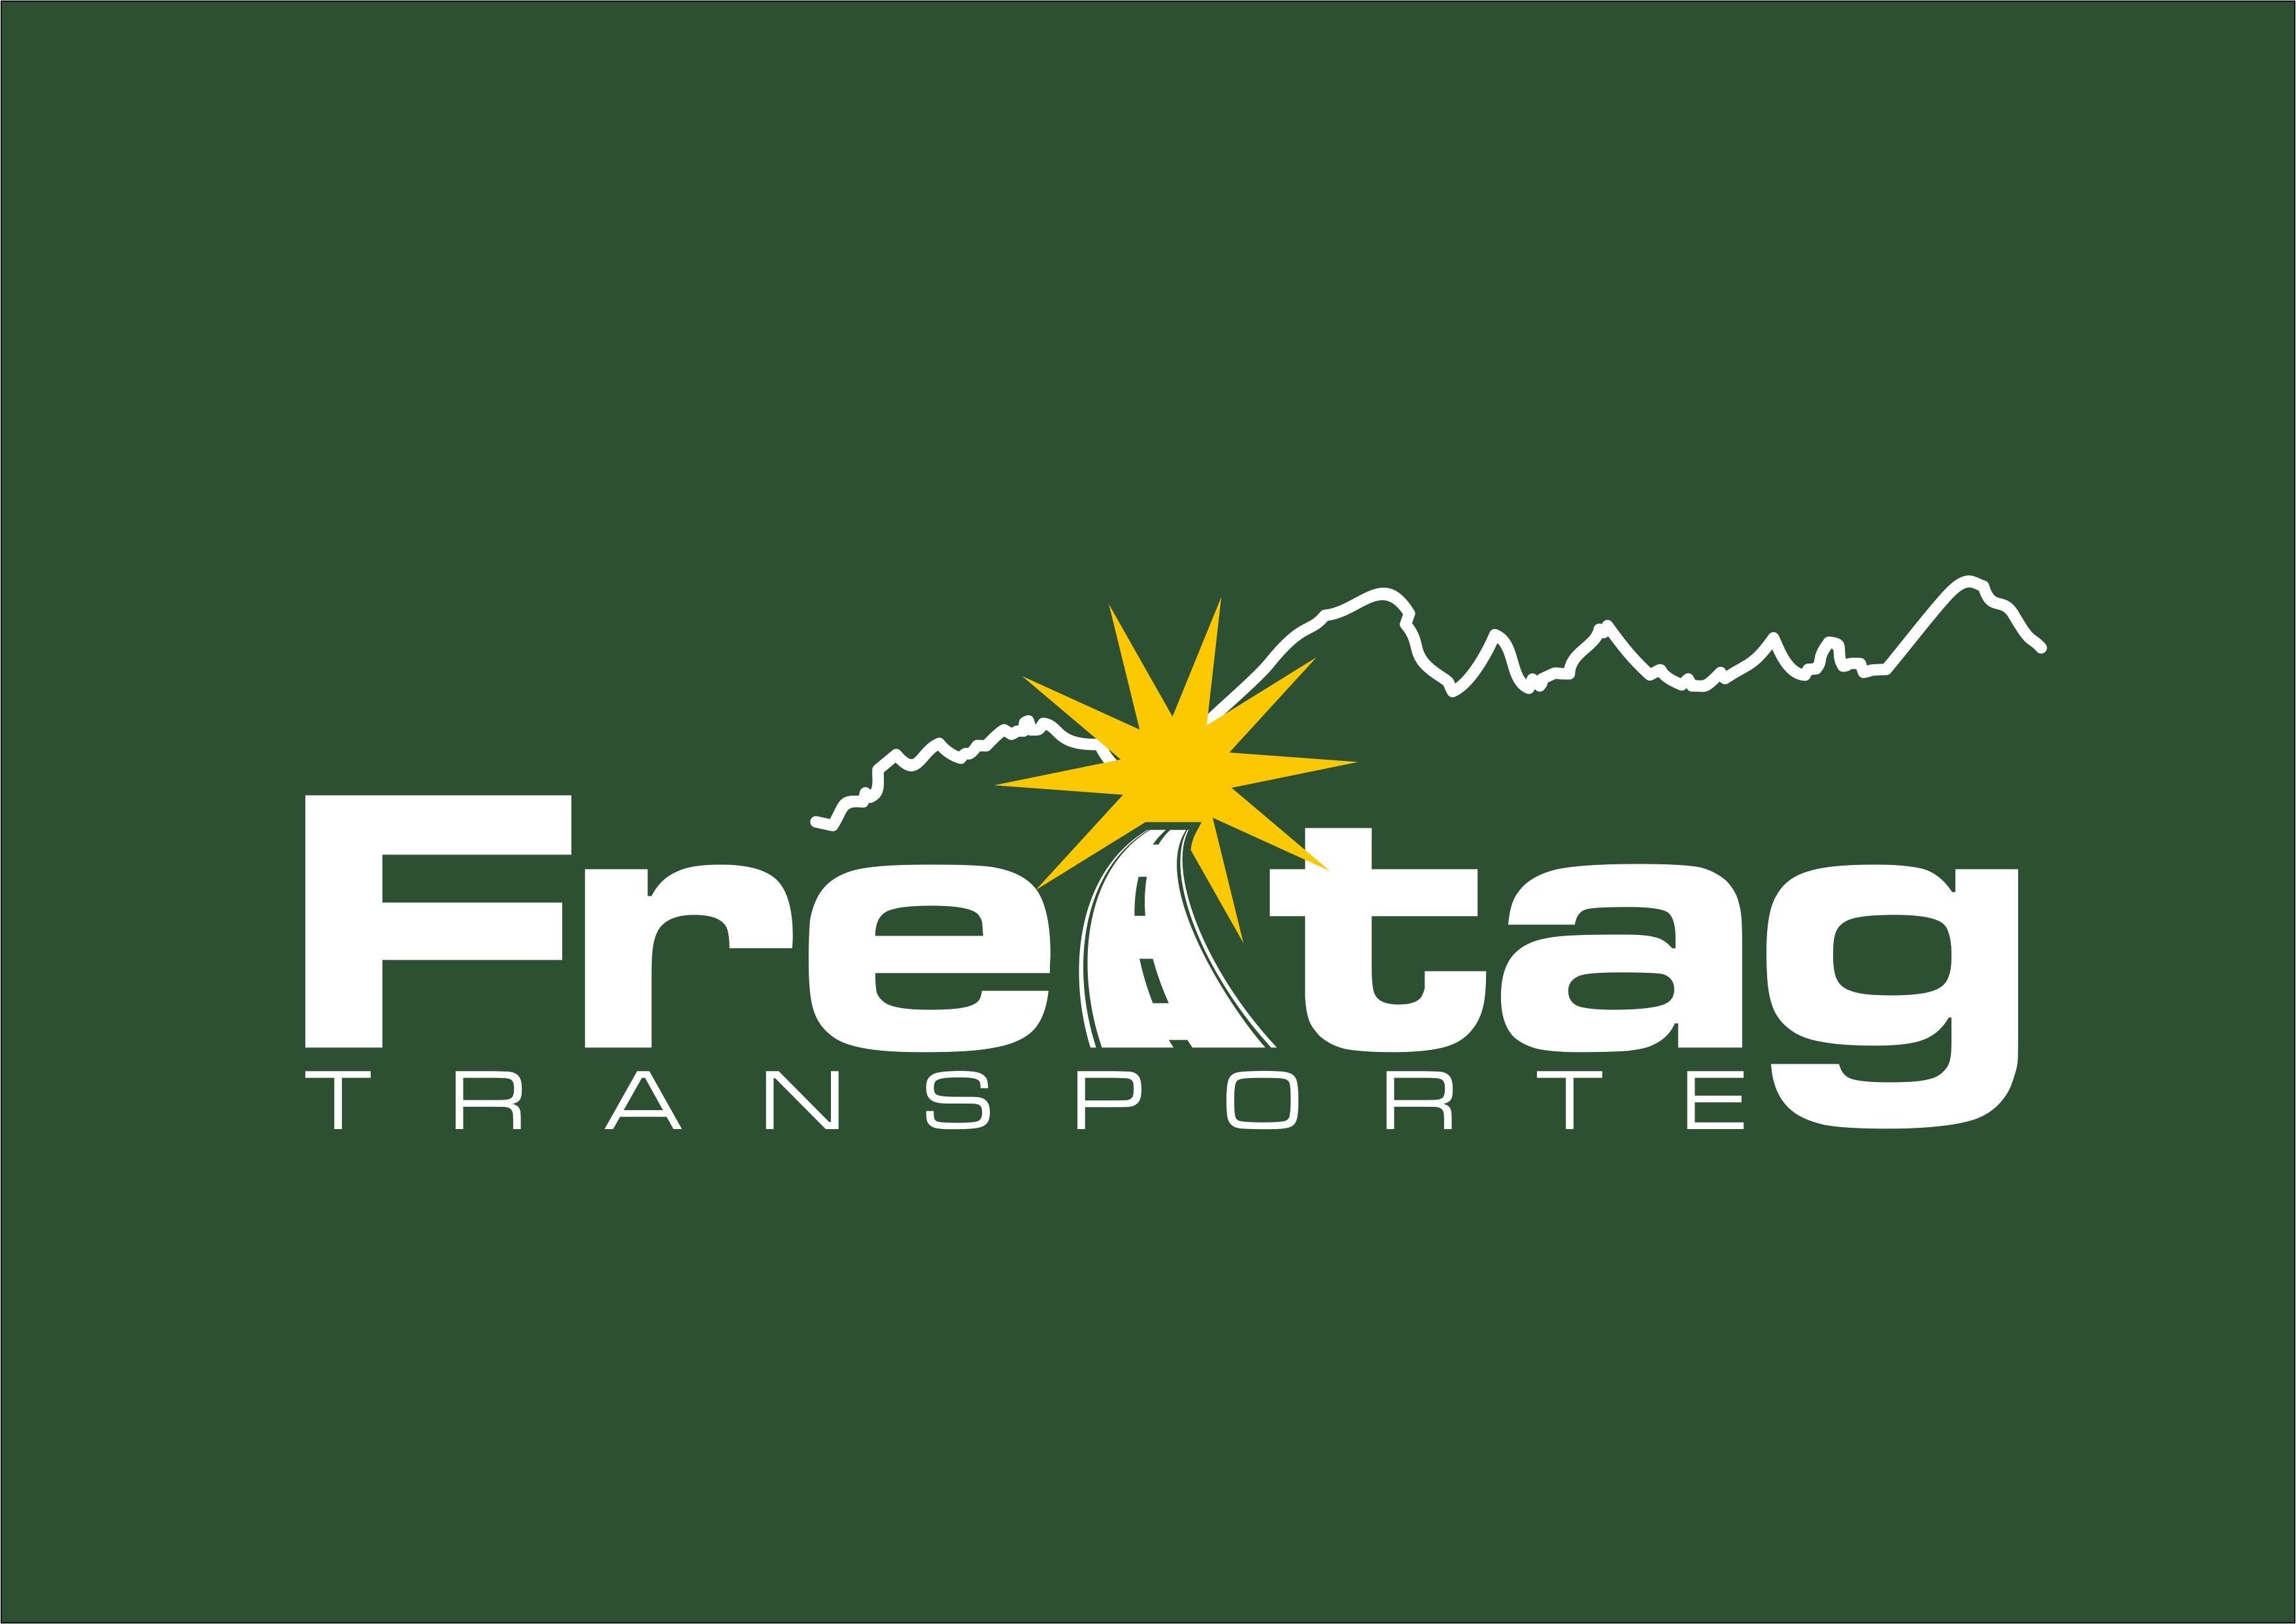 Freitag Transporte AG